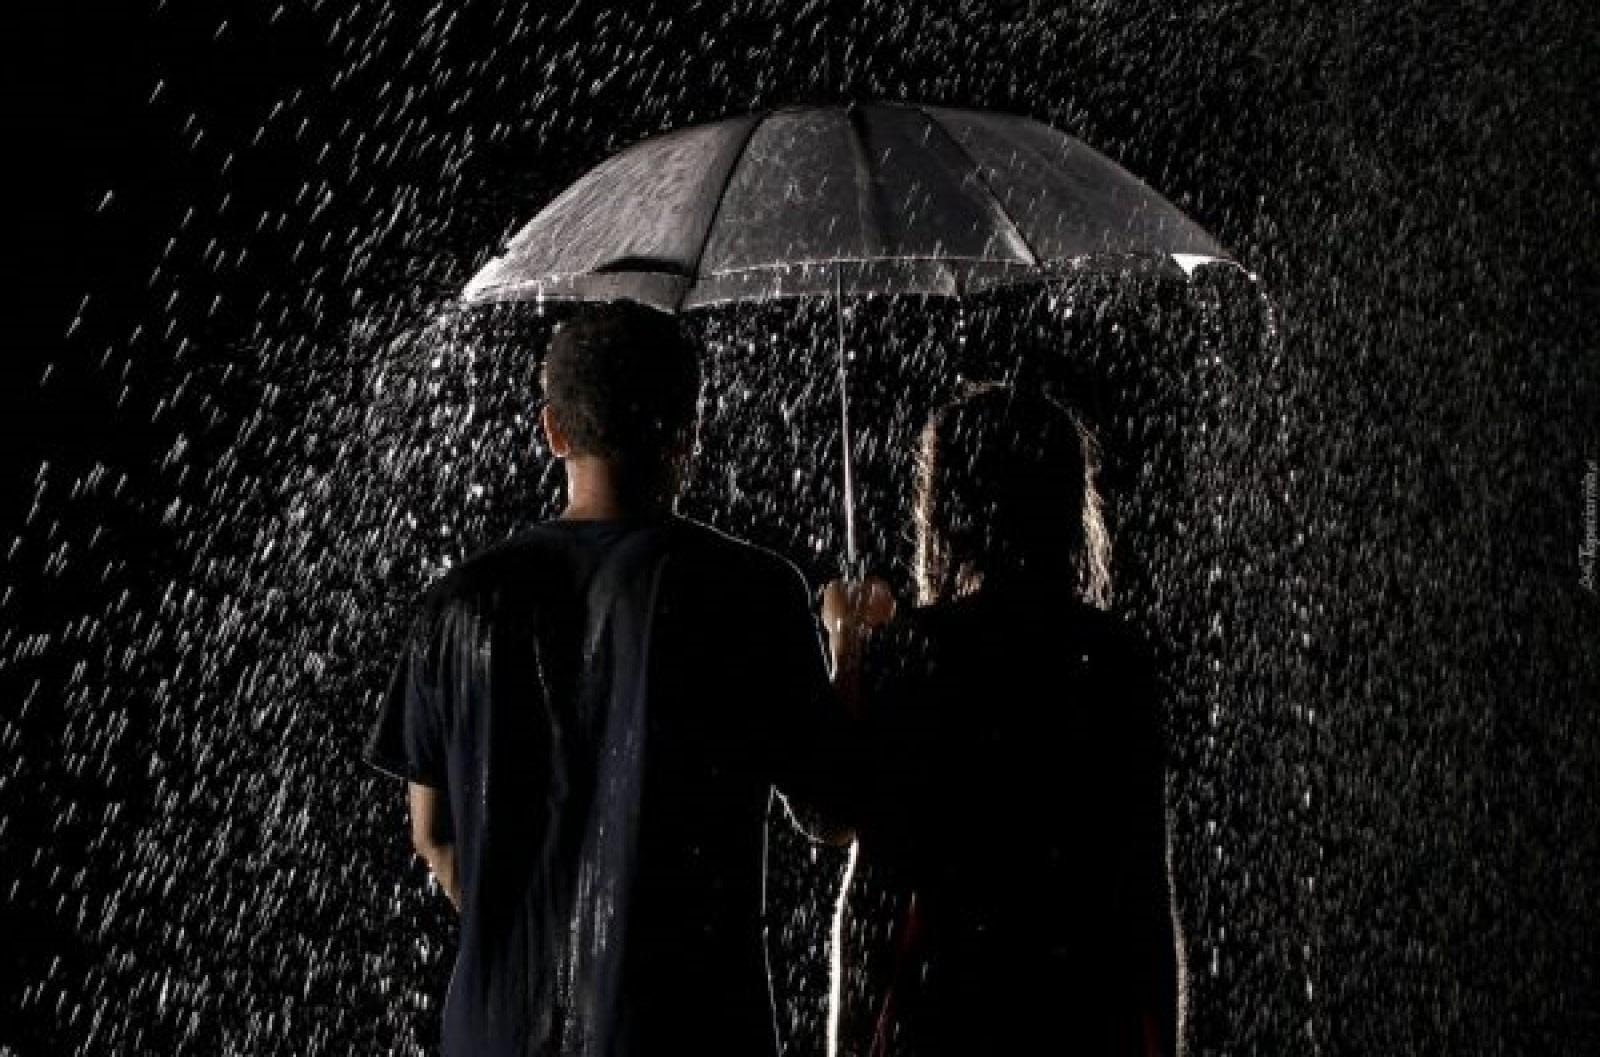 181794 ludzie deszcz parasol noc o7usd6zrj2m6oy47f9i2qycpecg8qchpous0pzfvs0